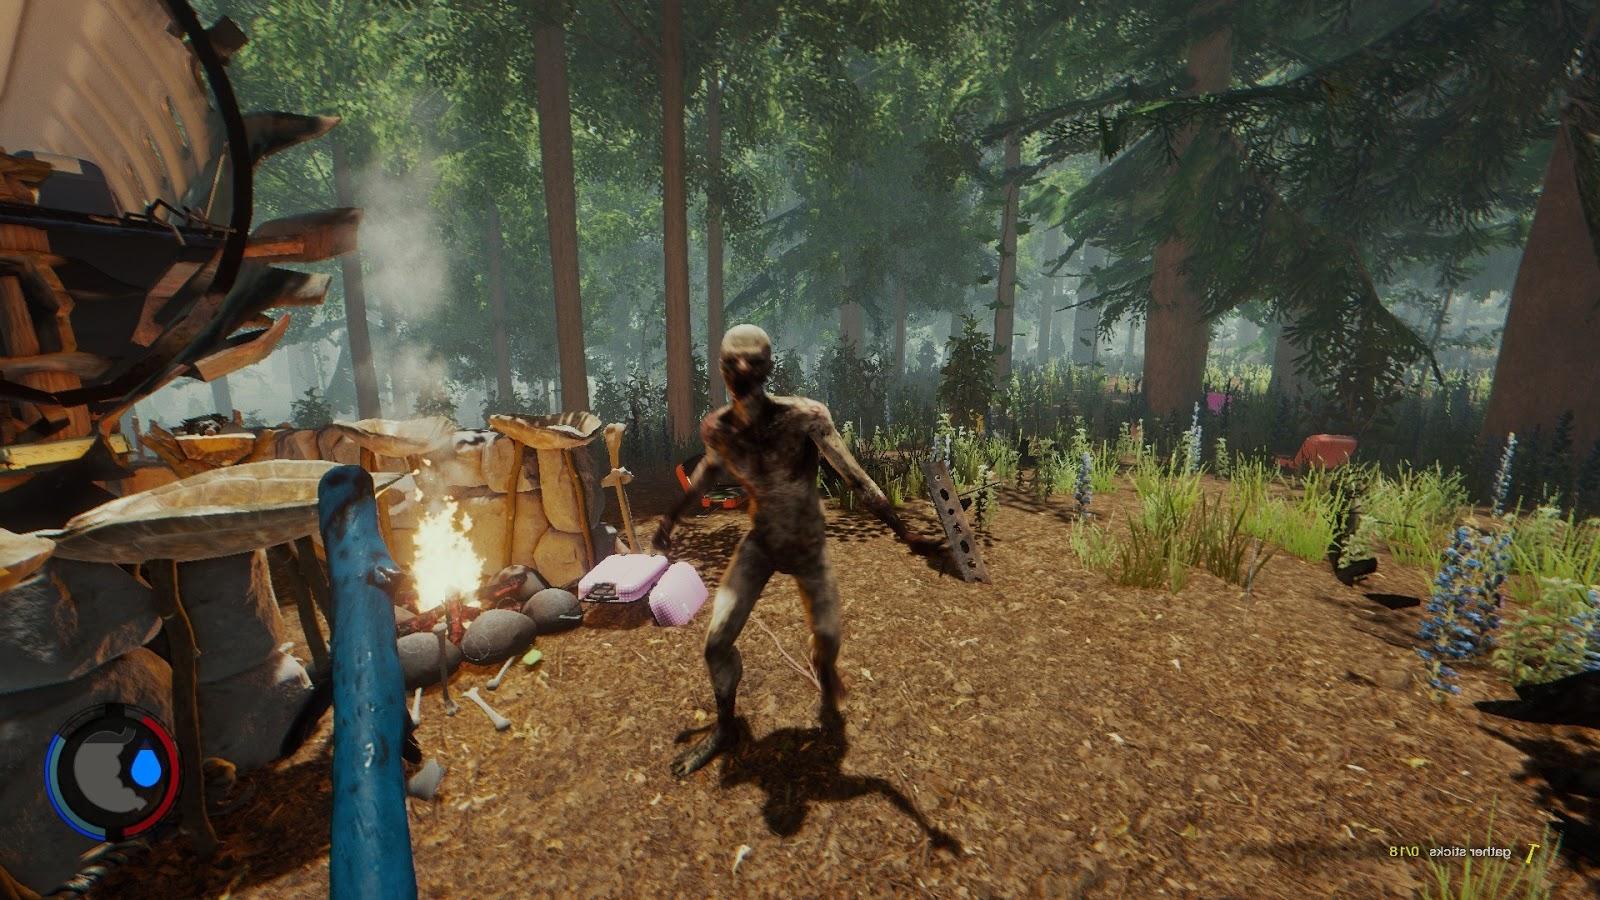 The Forest - PC İçin Mükemmel Hayatta Kalma Oyunları